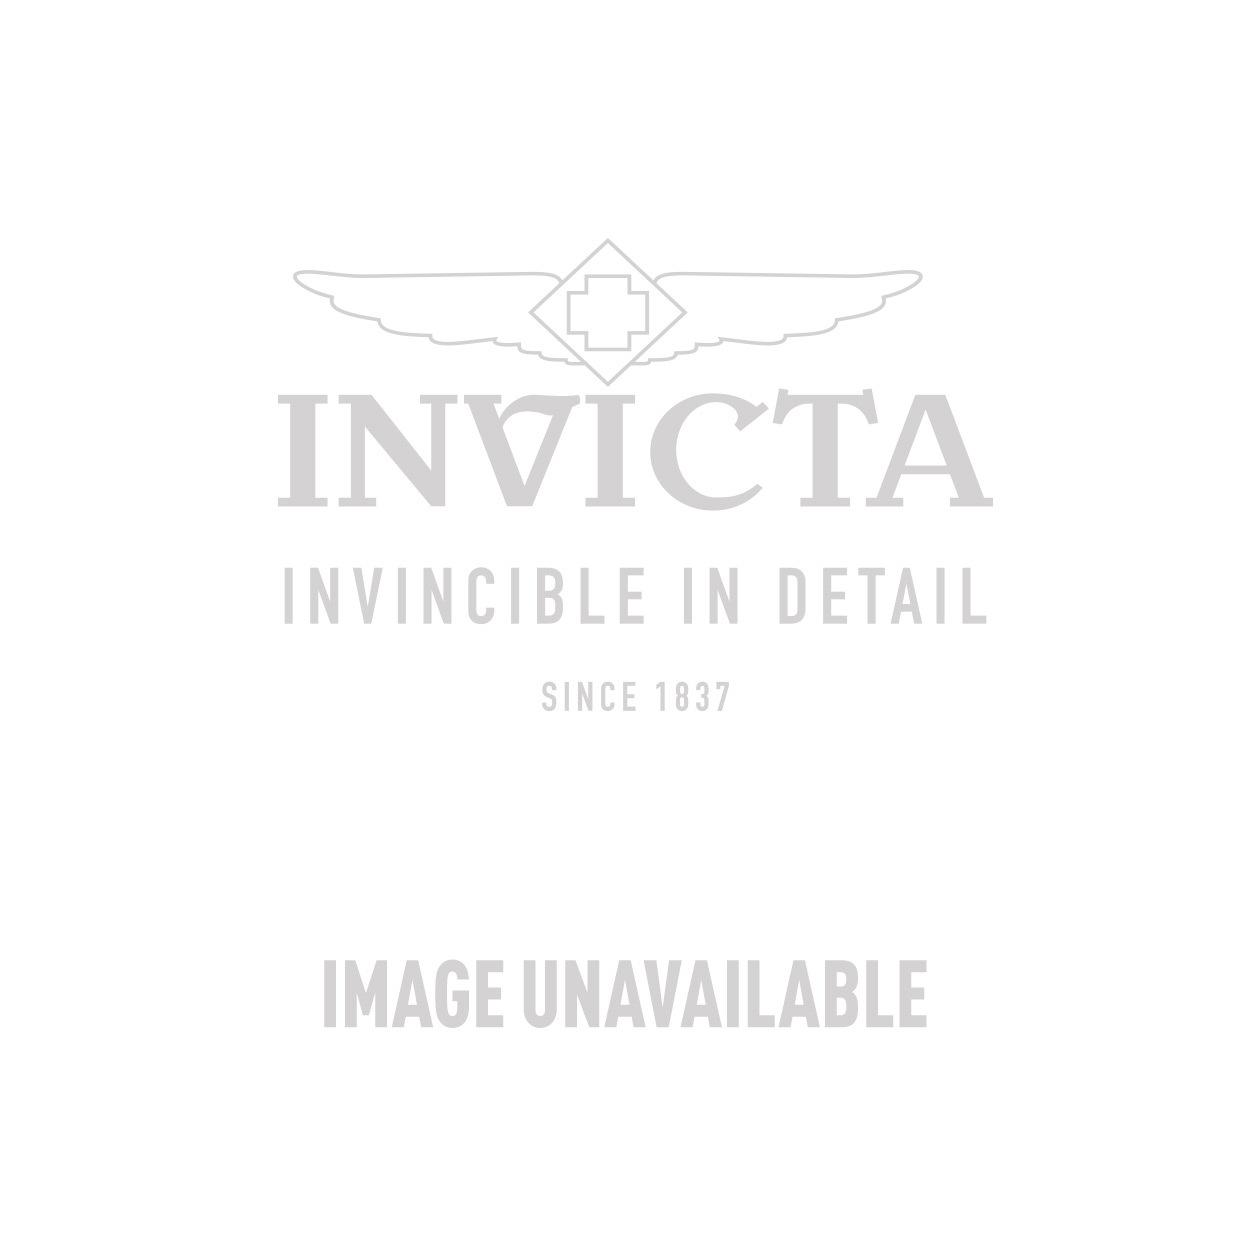 Invicta Model  25577